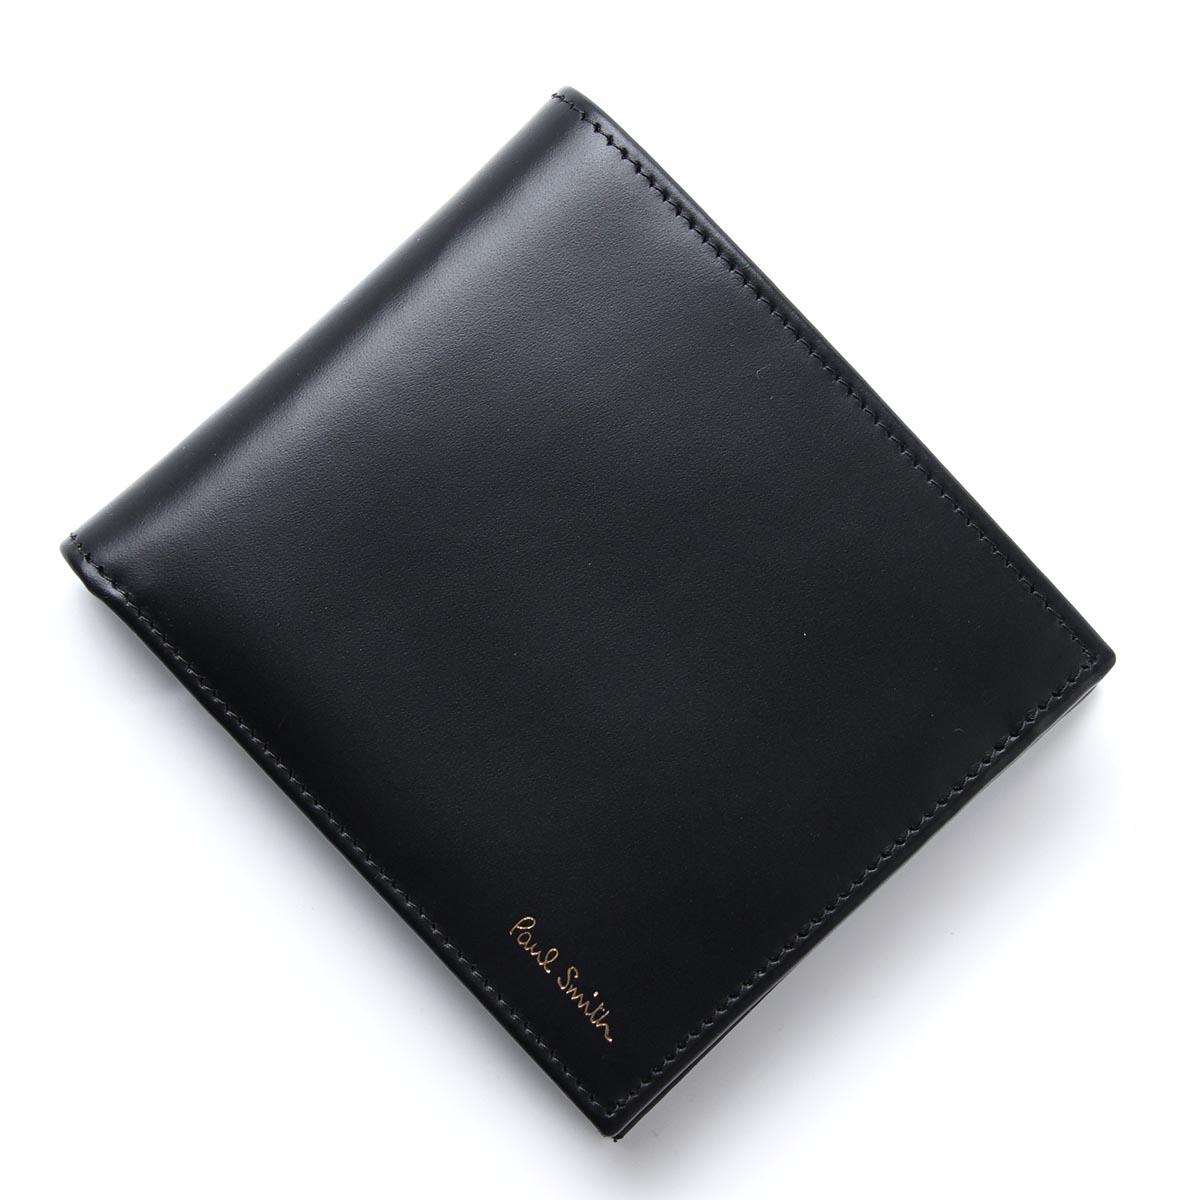 ポールスミス Paul Smith 2つ折り財布 MEN WALLET BFOLD COIN BLACK ブラック系 asxc4833 w761 b メンズ【ラッピング無料】【返品送料無料】